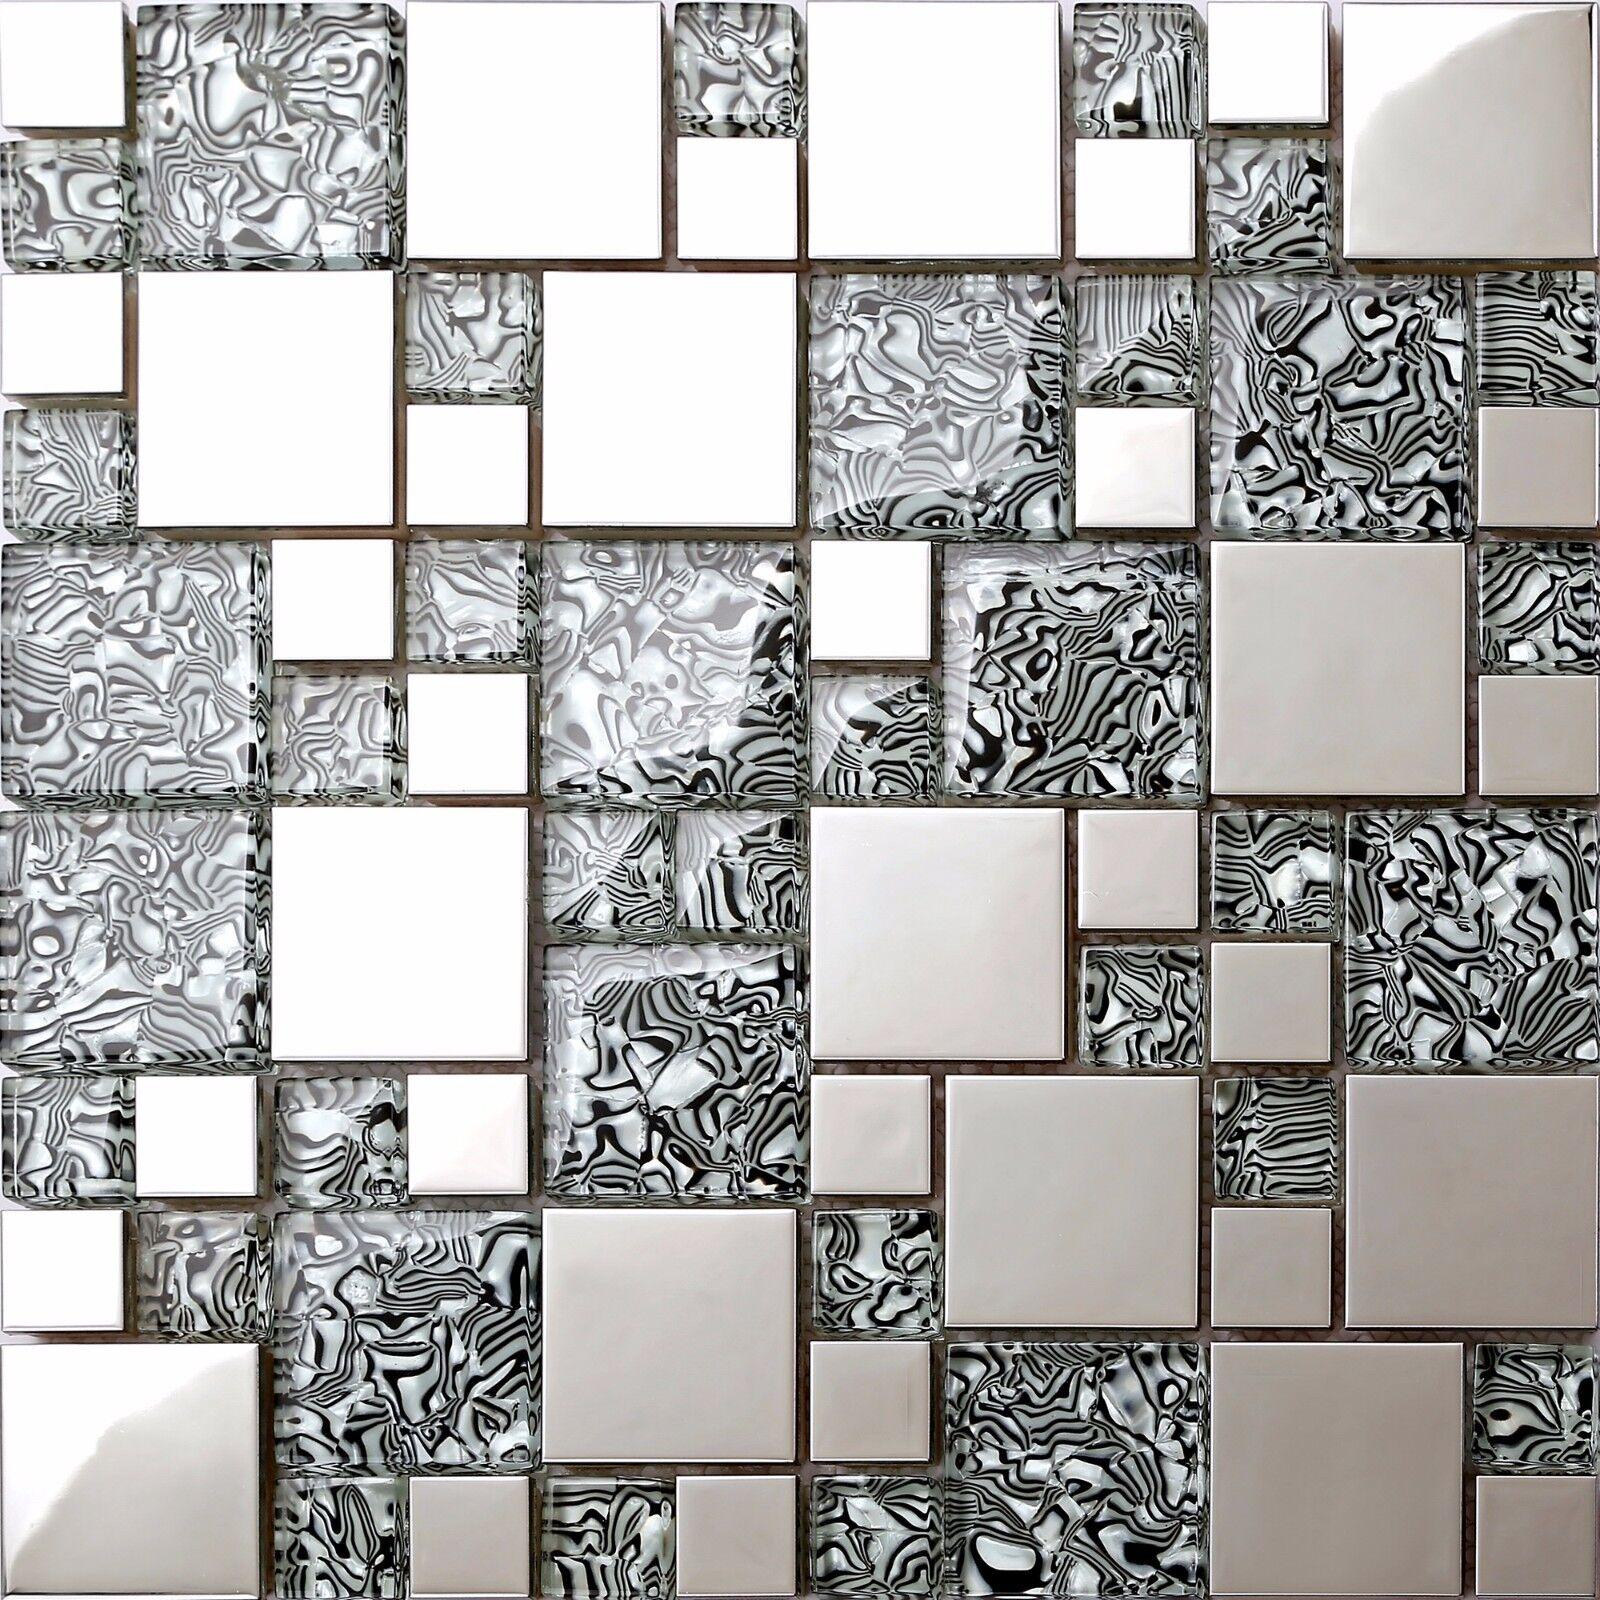 Glasmosaik Fliesen In Weiss Grau Schwarz Blau Beige - Mosaik fliesen schwarz matt